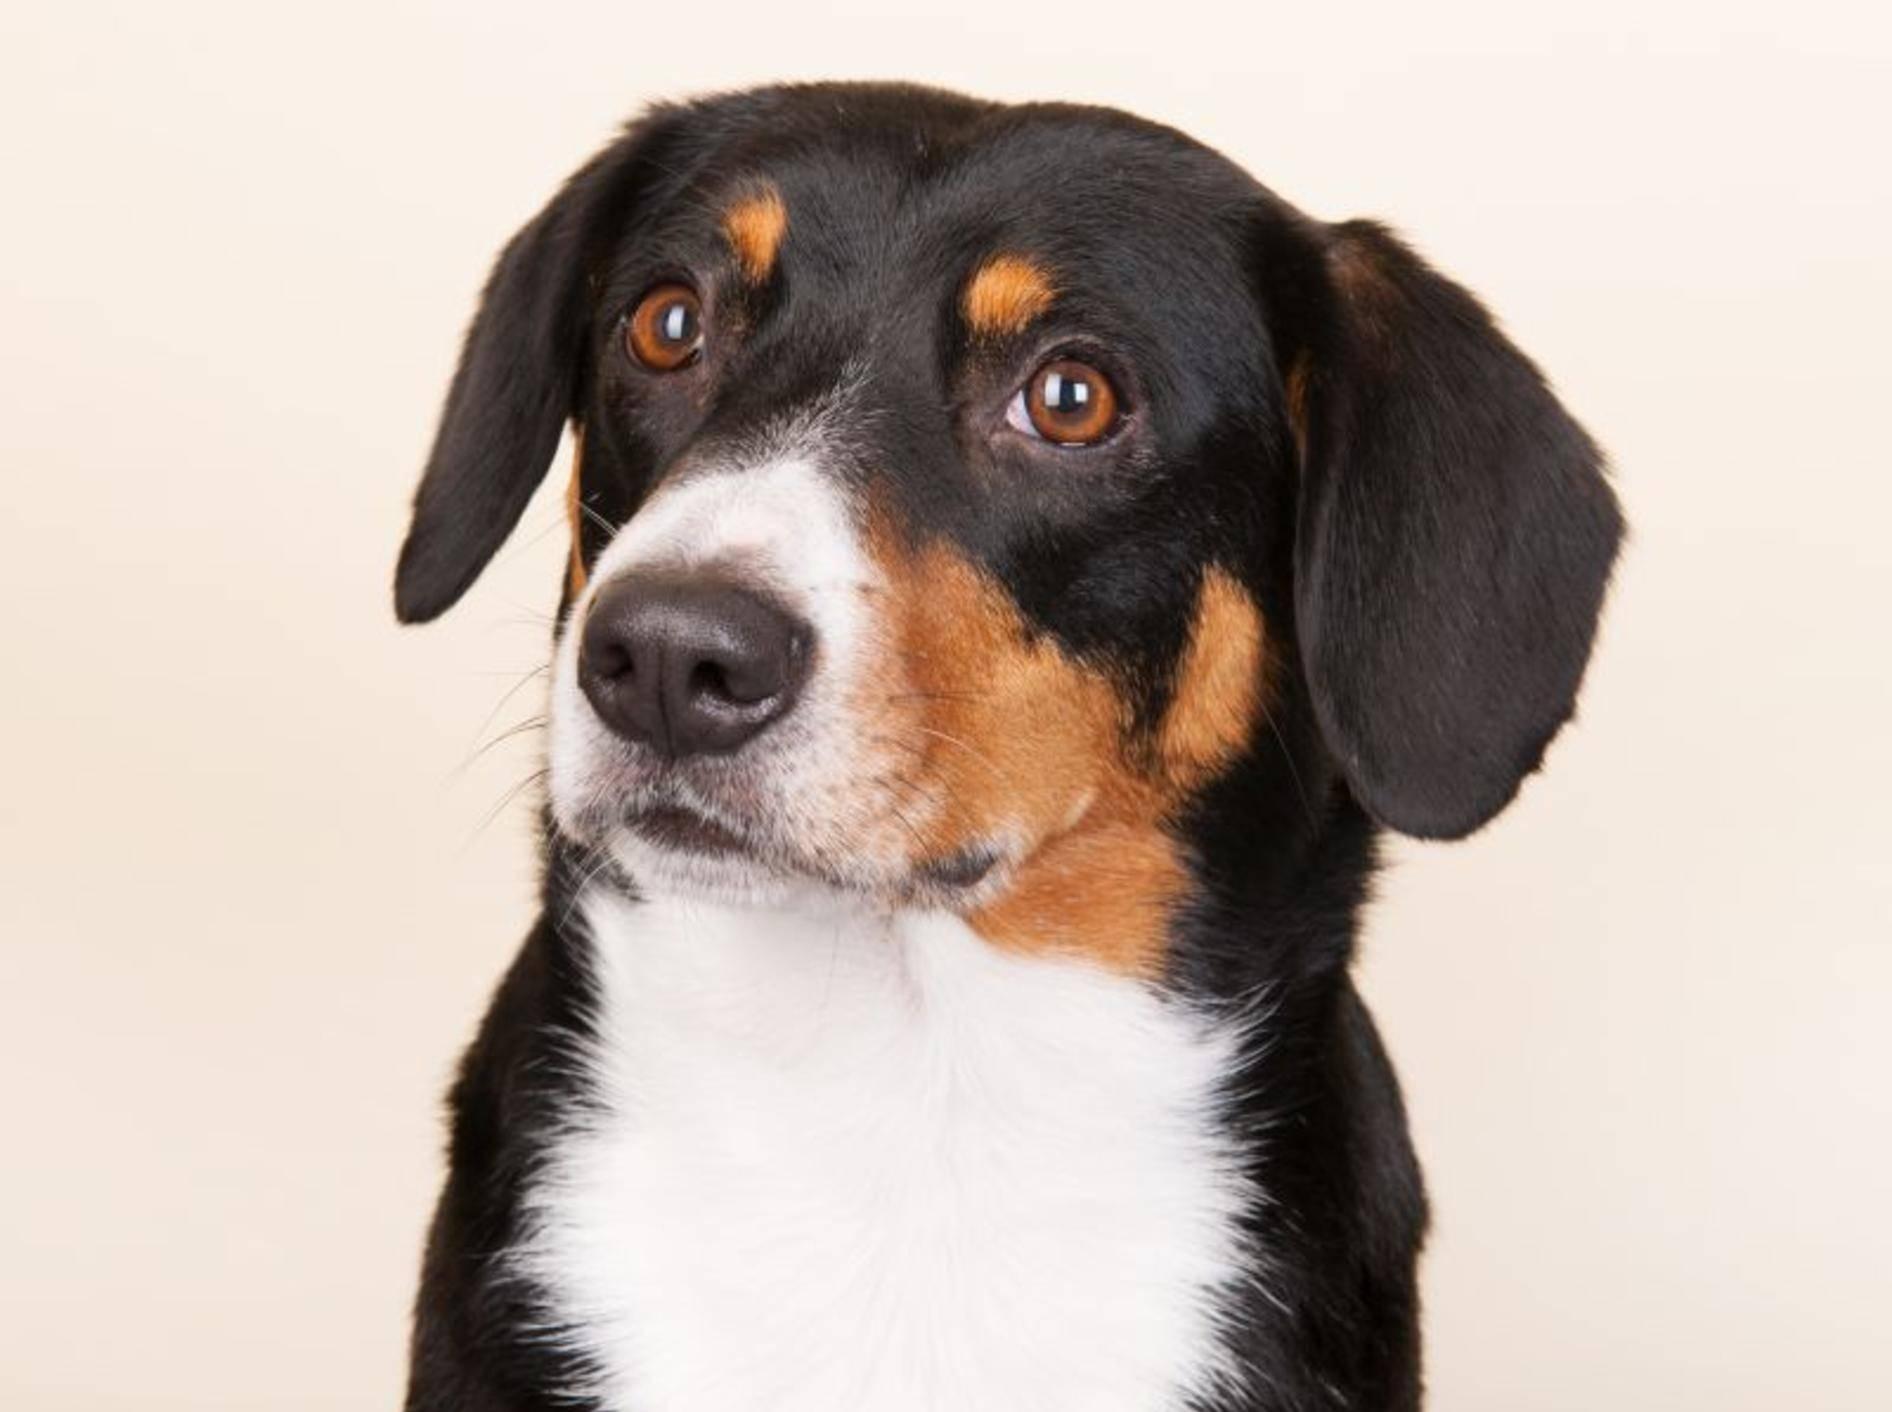 Der Entlebucher Sennenhund aus der Schweiz ist dreifarbig: Schwarz, Lohfarben und Weiß – Bild: Shutterstock / Ivonne Wierink